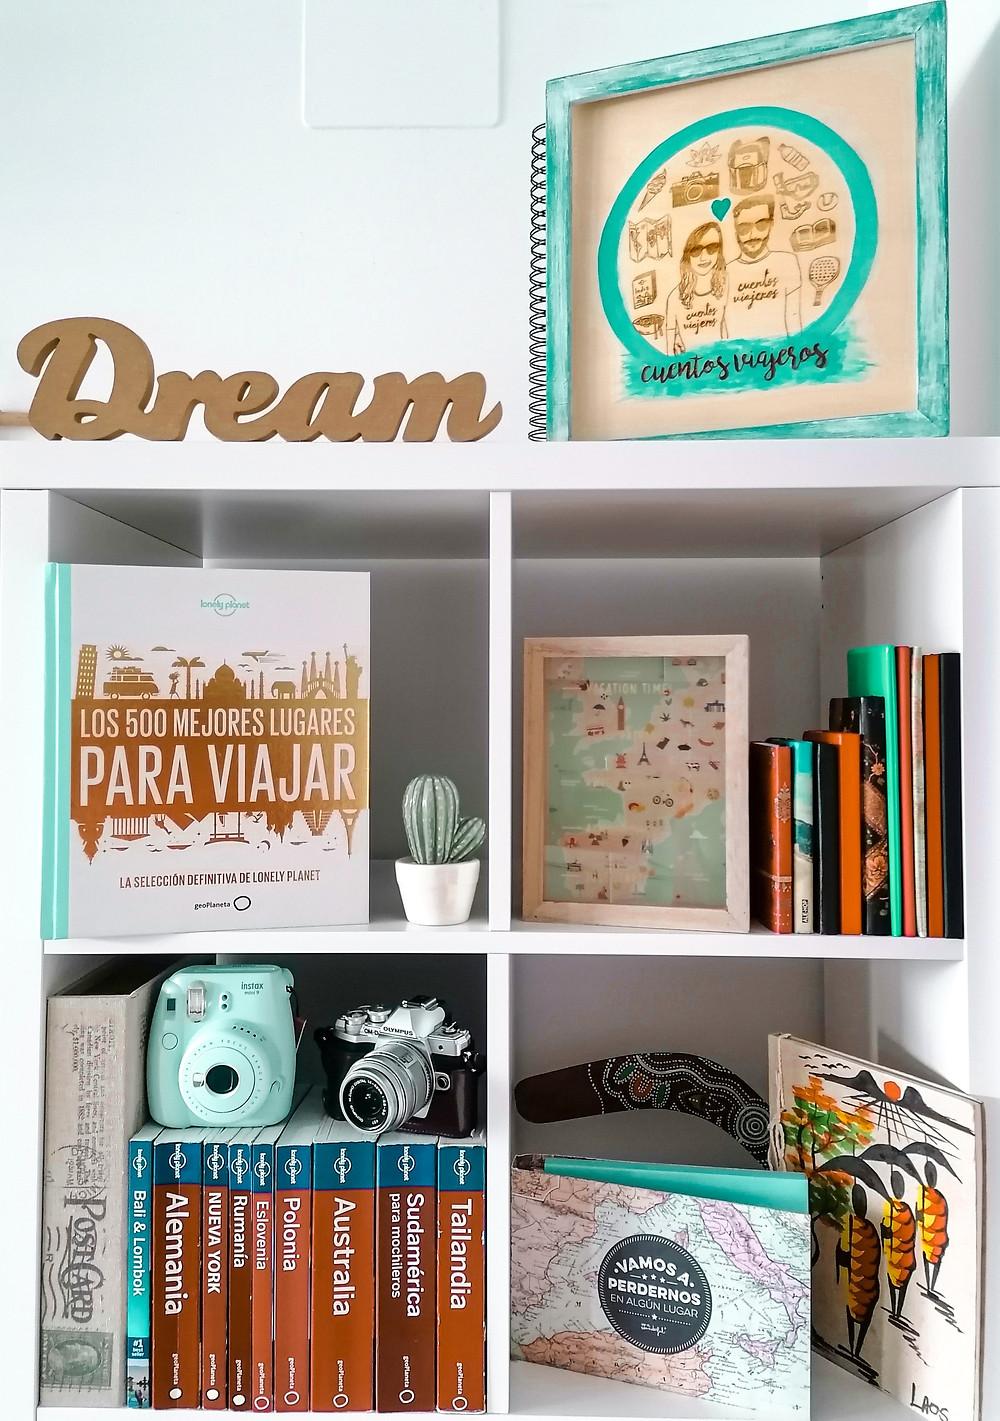 libros, viajes, viajar, guía, fotografía, estantería, rincón viajero